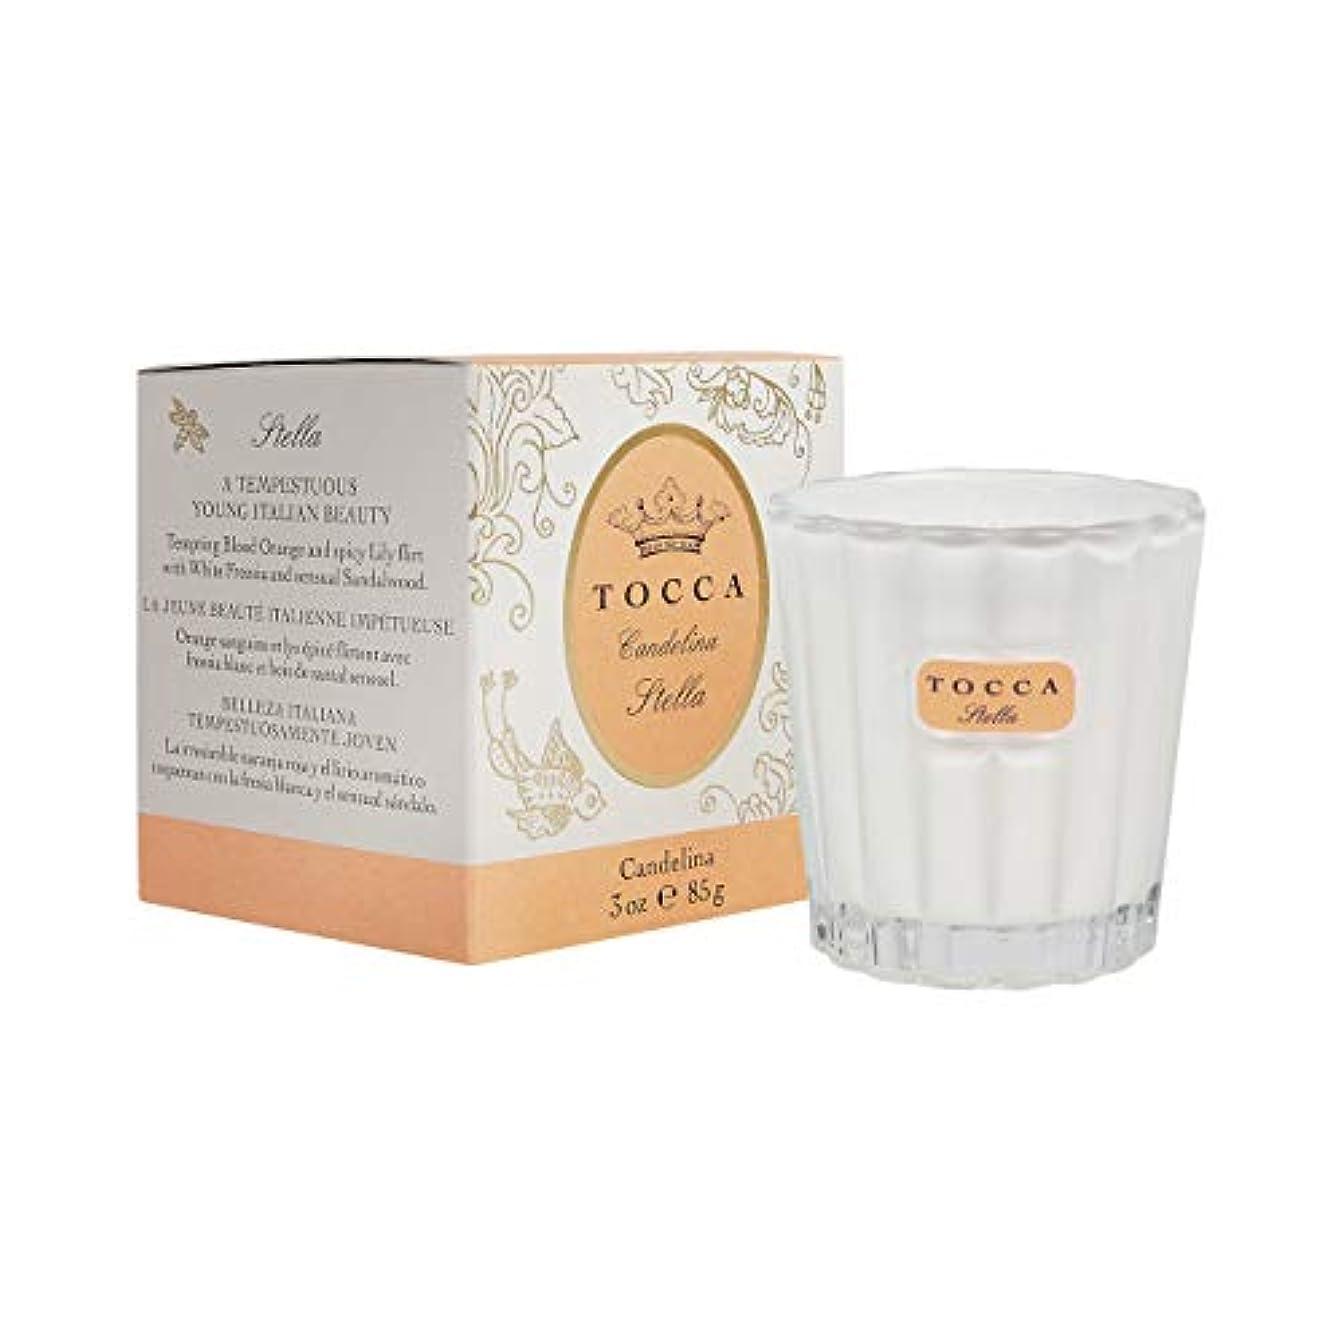 帽子まとめる化学トッカ(TOCCA) キャンデリーナ ステラの香り 約85g (キャンドル ろうそく フレッシュでビターな香り)